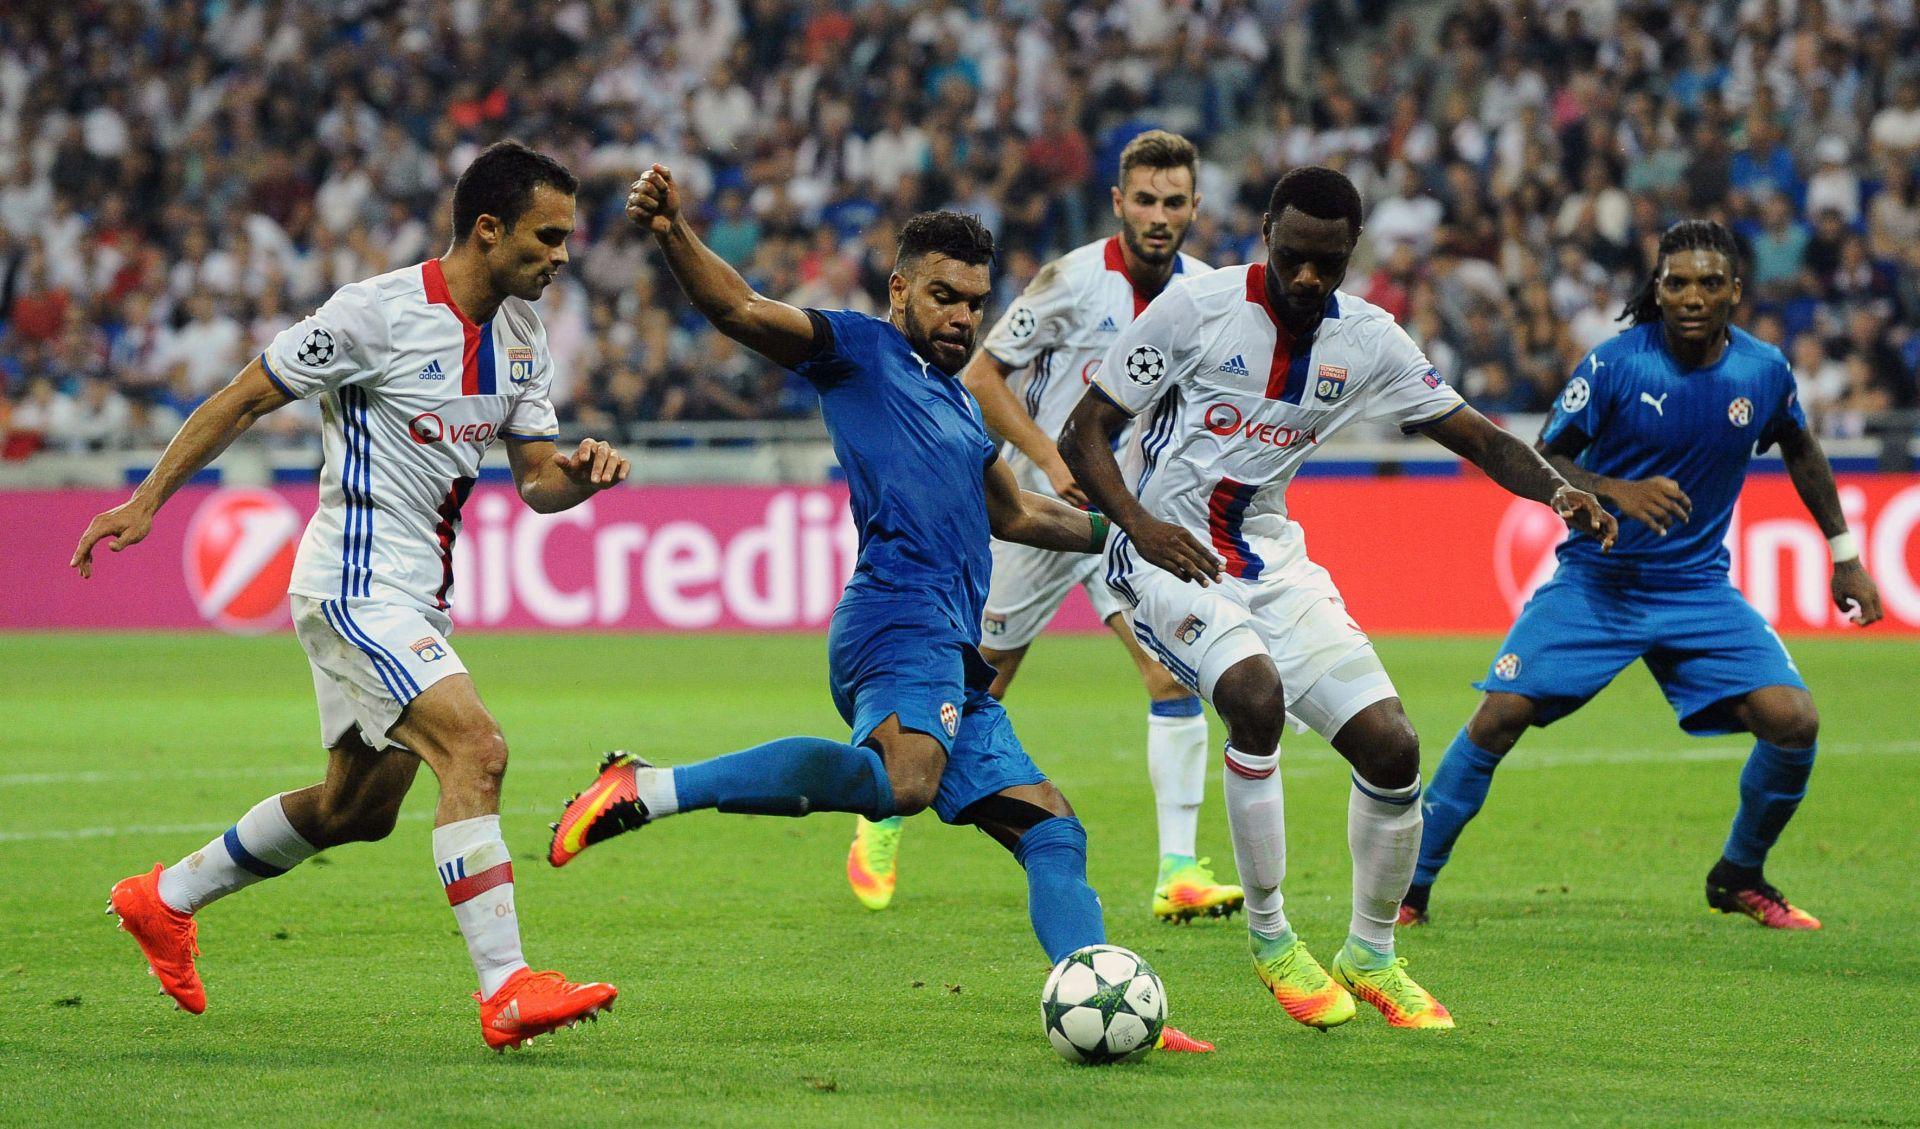 LIGA PRVAKA Dinamo poražen u Lyonu, Šemper debitirao u LP